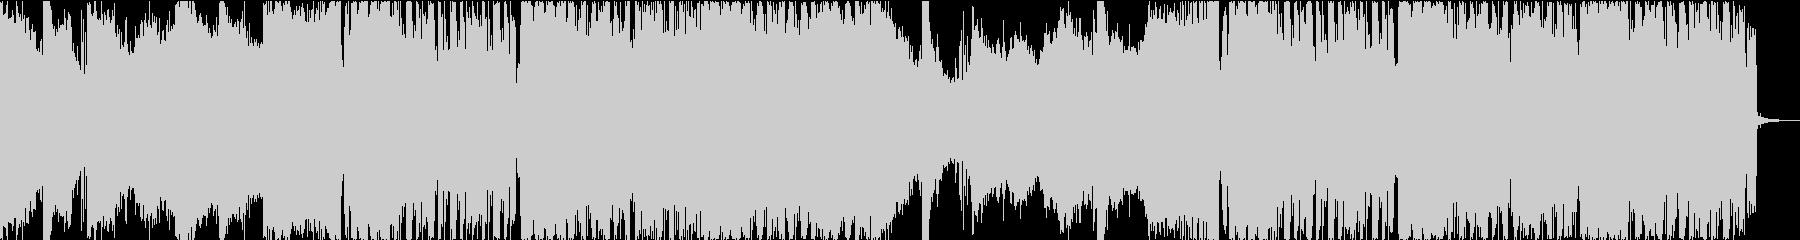 ダークで激しくゴリゴリなグリッチホップの未再生の波形